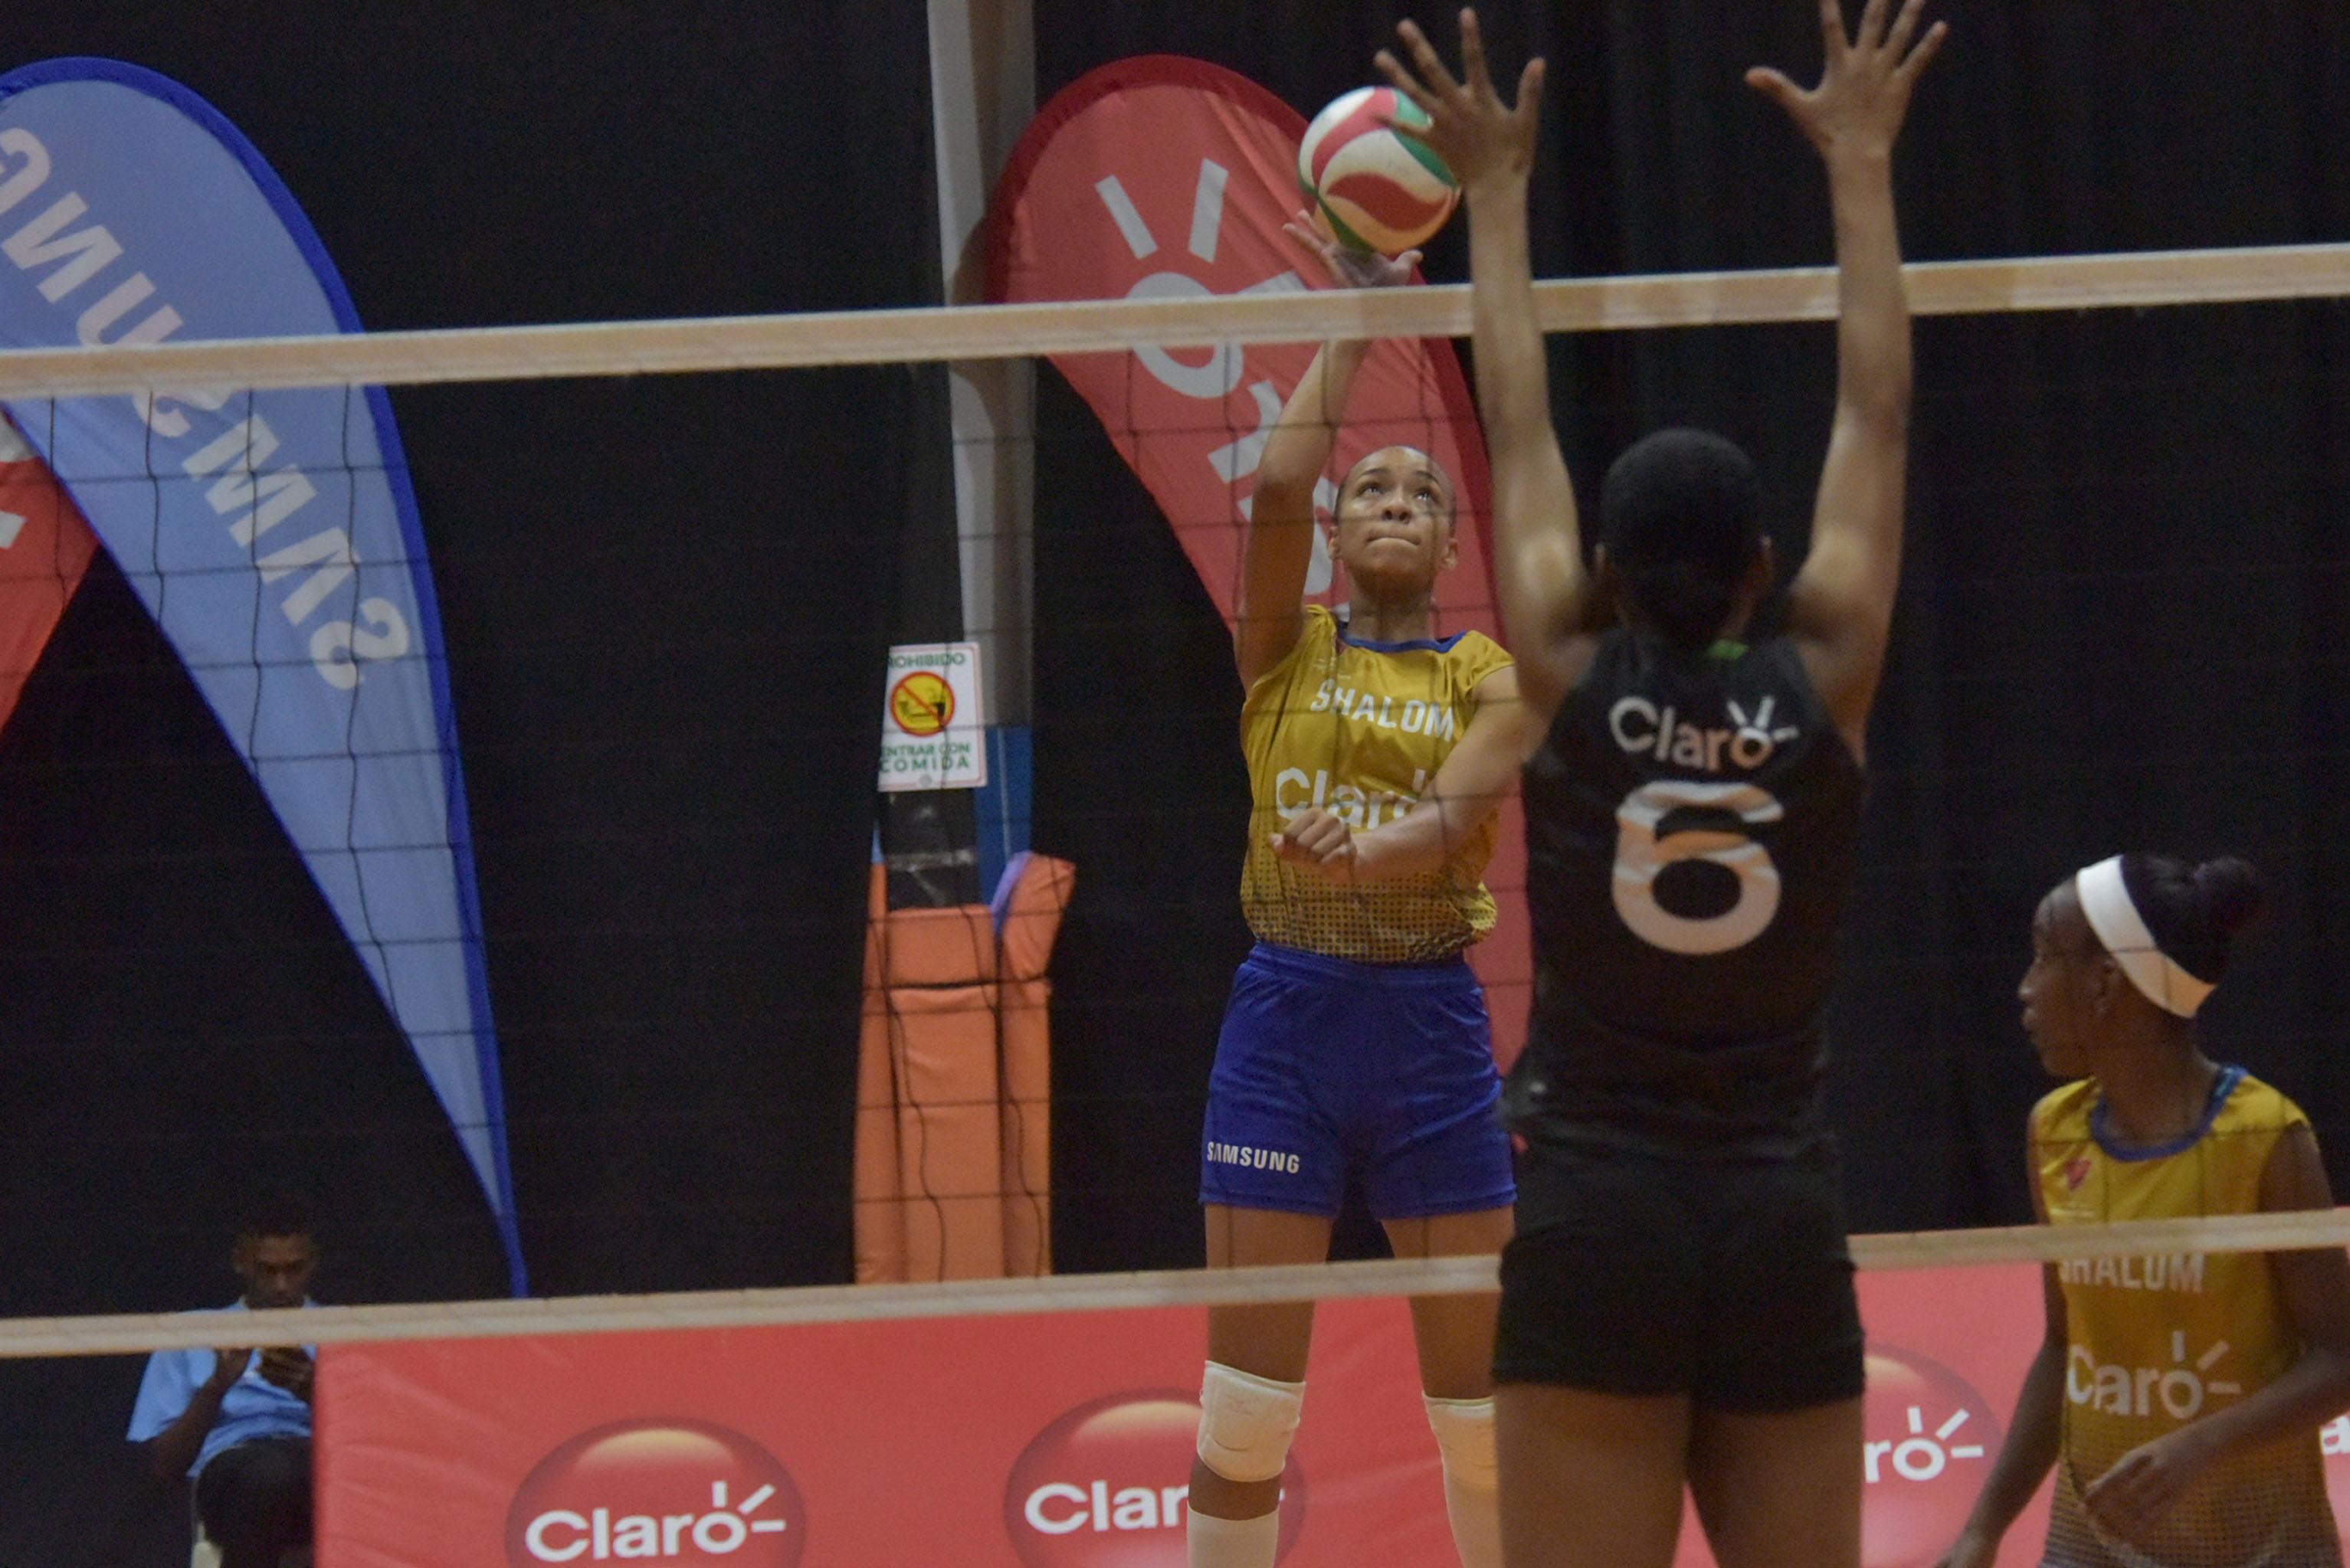 Sagrado Corazón de Jesús campeón del Cibao en Copa Intercolegial de Voleibol Femenino 2019